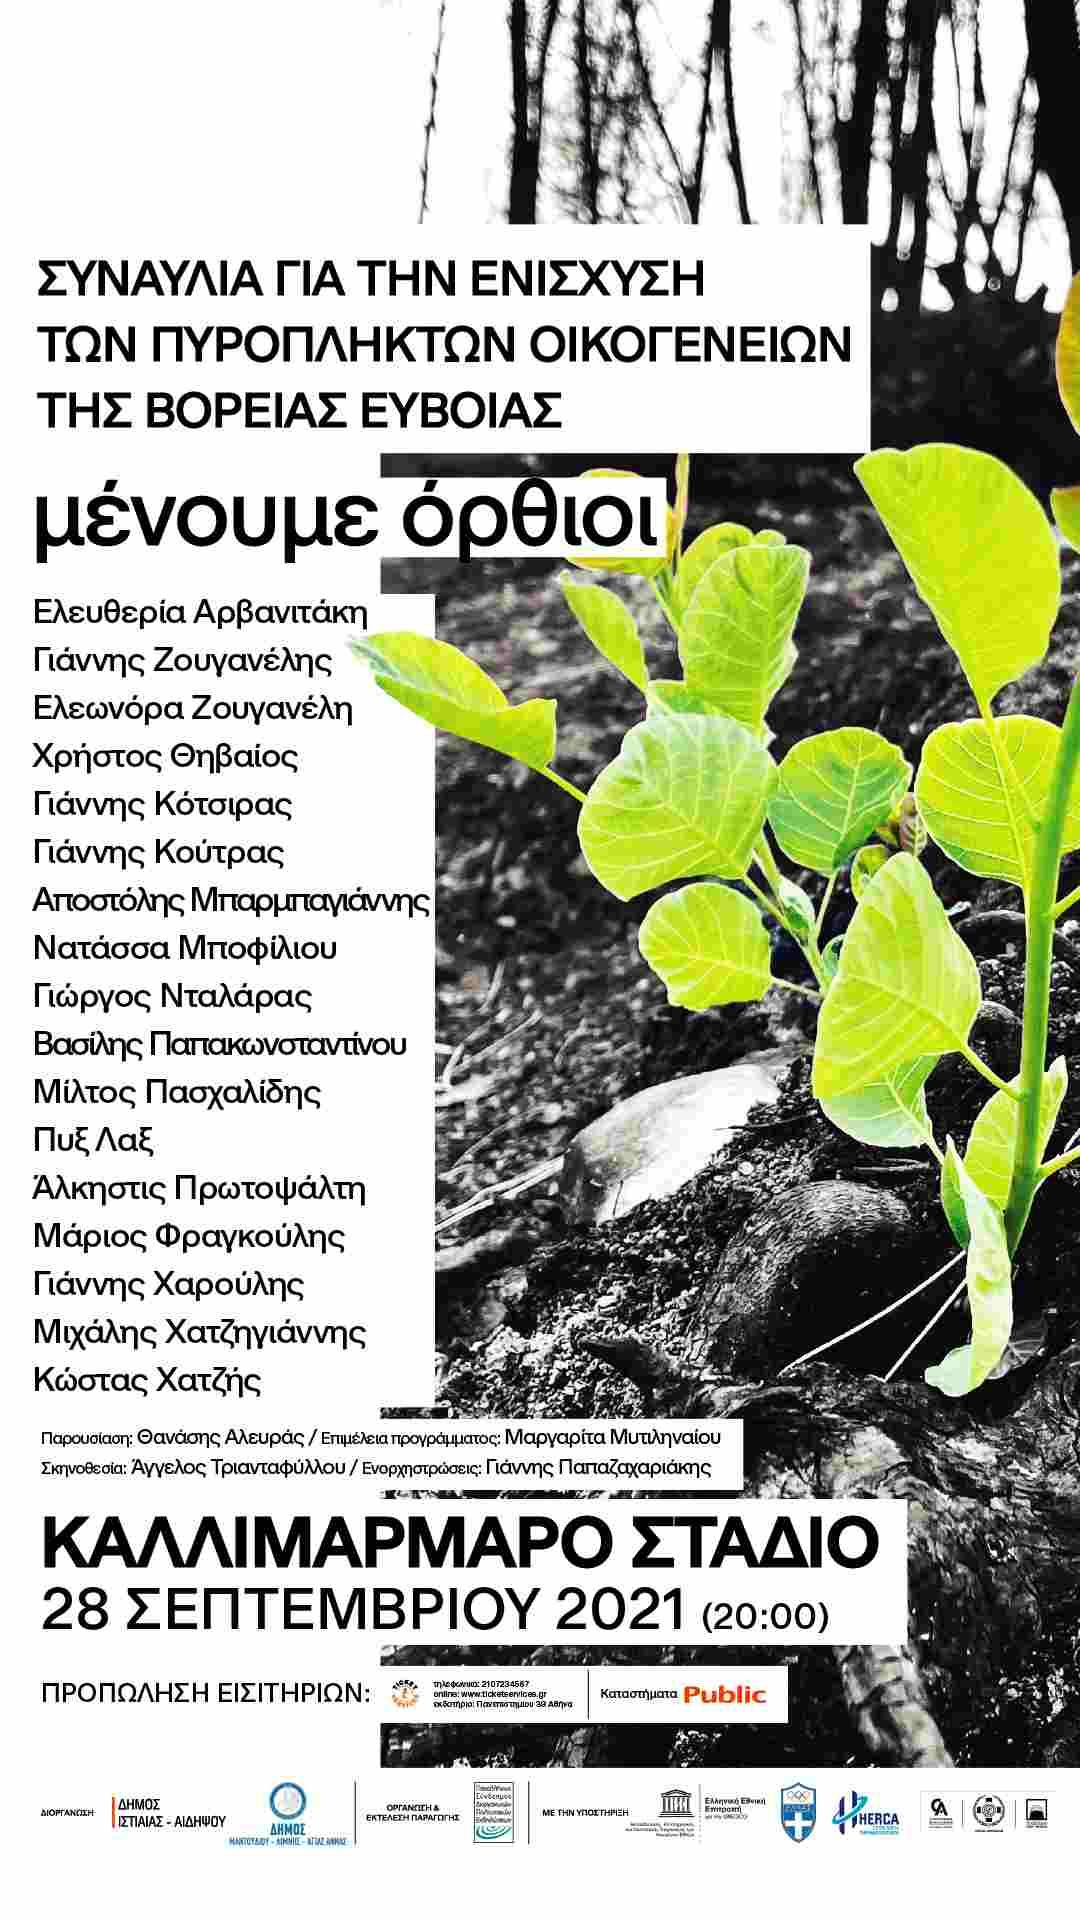 menoume-orthioi-poster